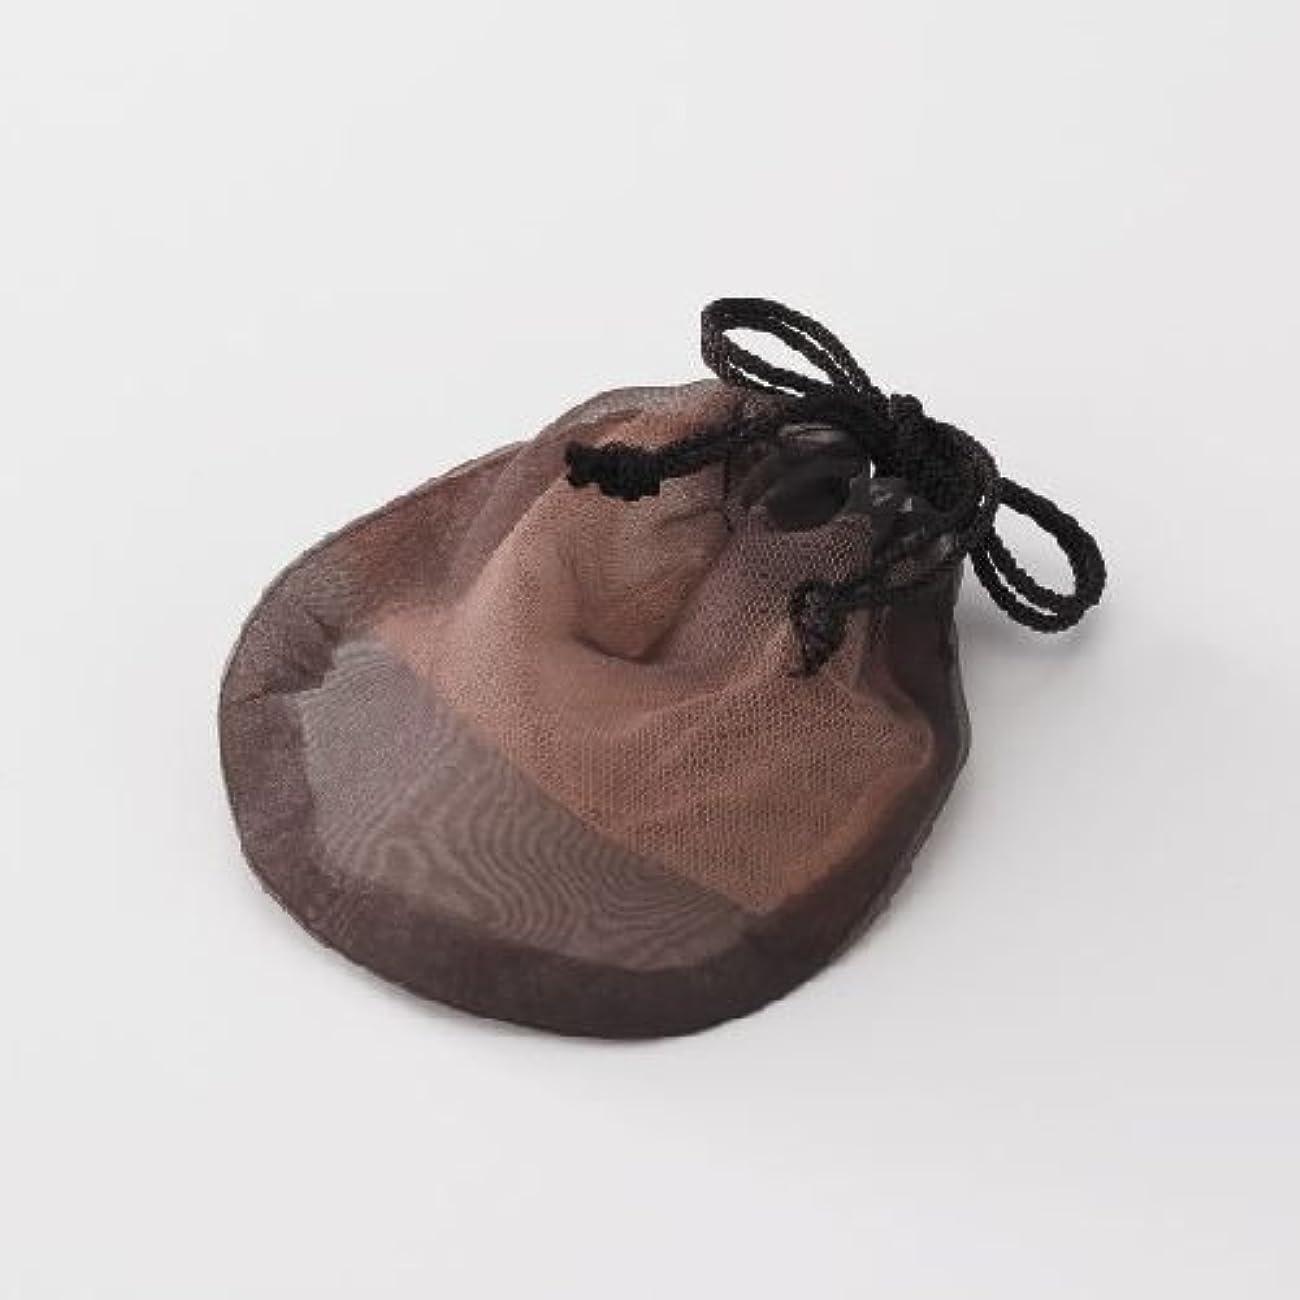 不均一伝導率反動ピギーバックス ソープネット 瞬時にマシュマロのようなお肌に負担をかけないキメ細かな泡をつくることができるオシャレなポーチ型オリジナル【泡だてネット】!衛生的に固形石鹸の保存もできます。